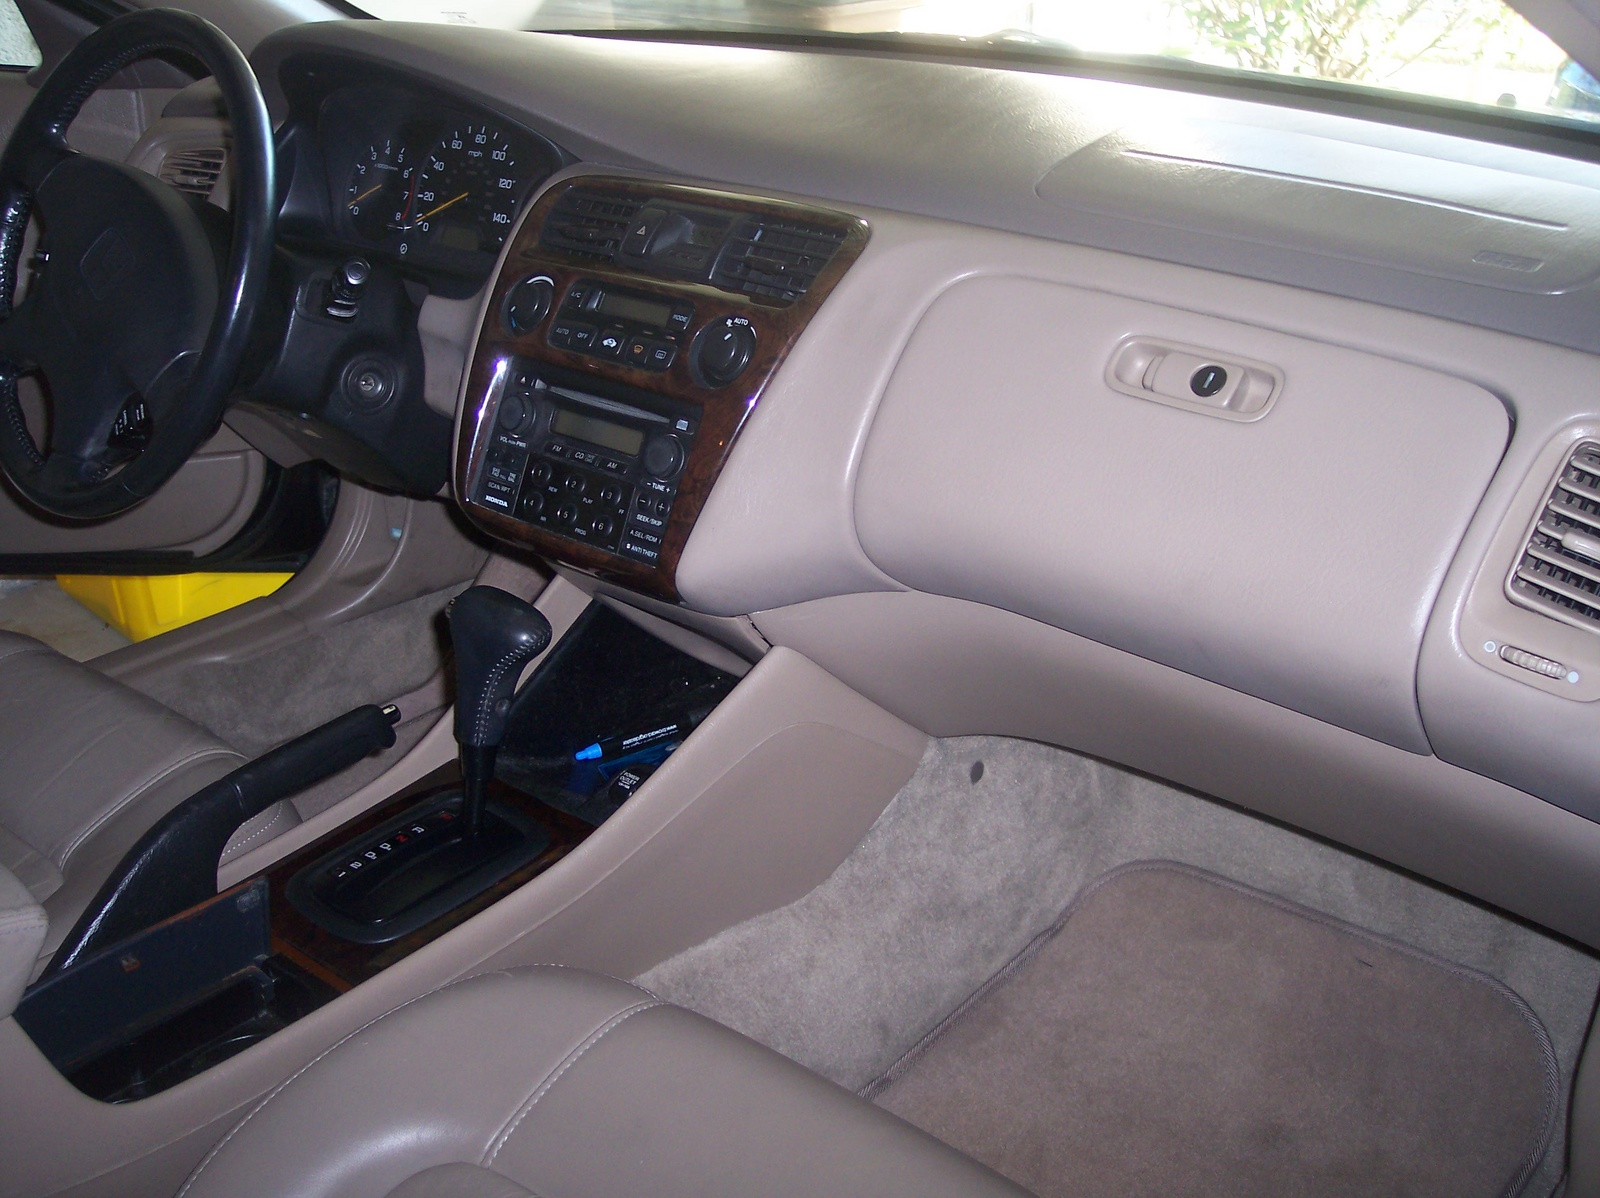 1996 Honda Accord Ex >> 2000 Honda Accord - Interior Pictures - CarGurus